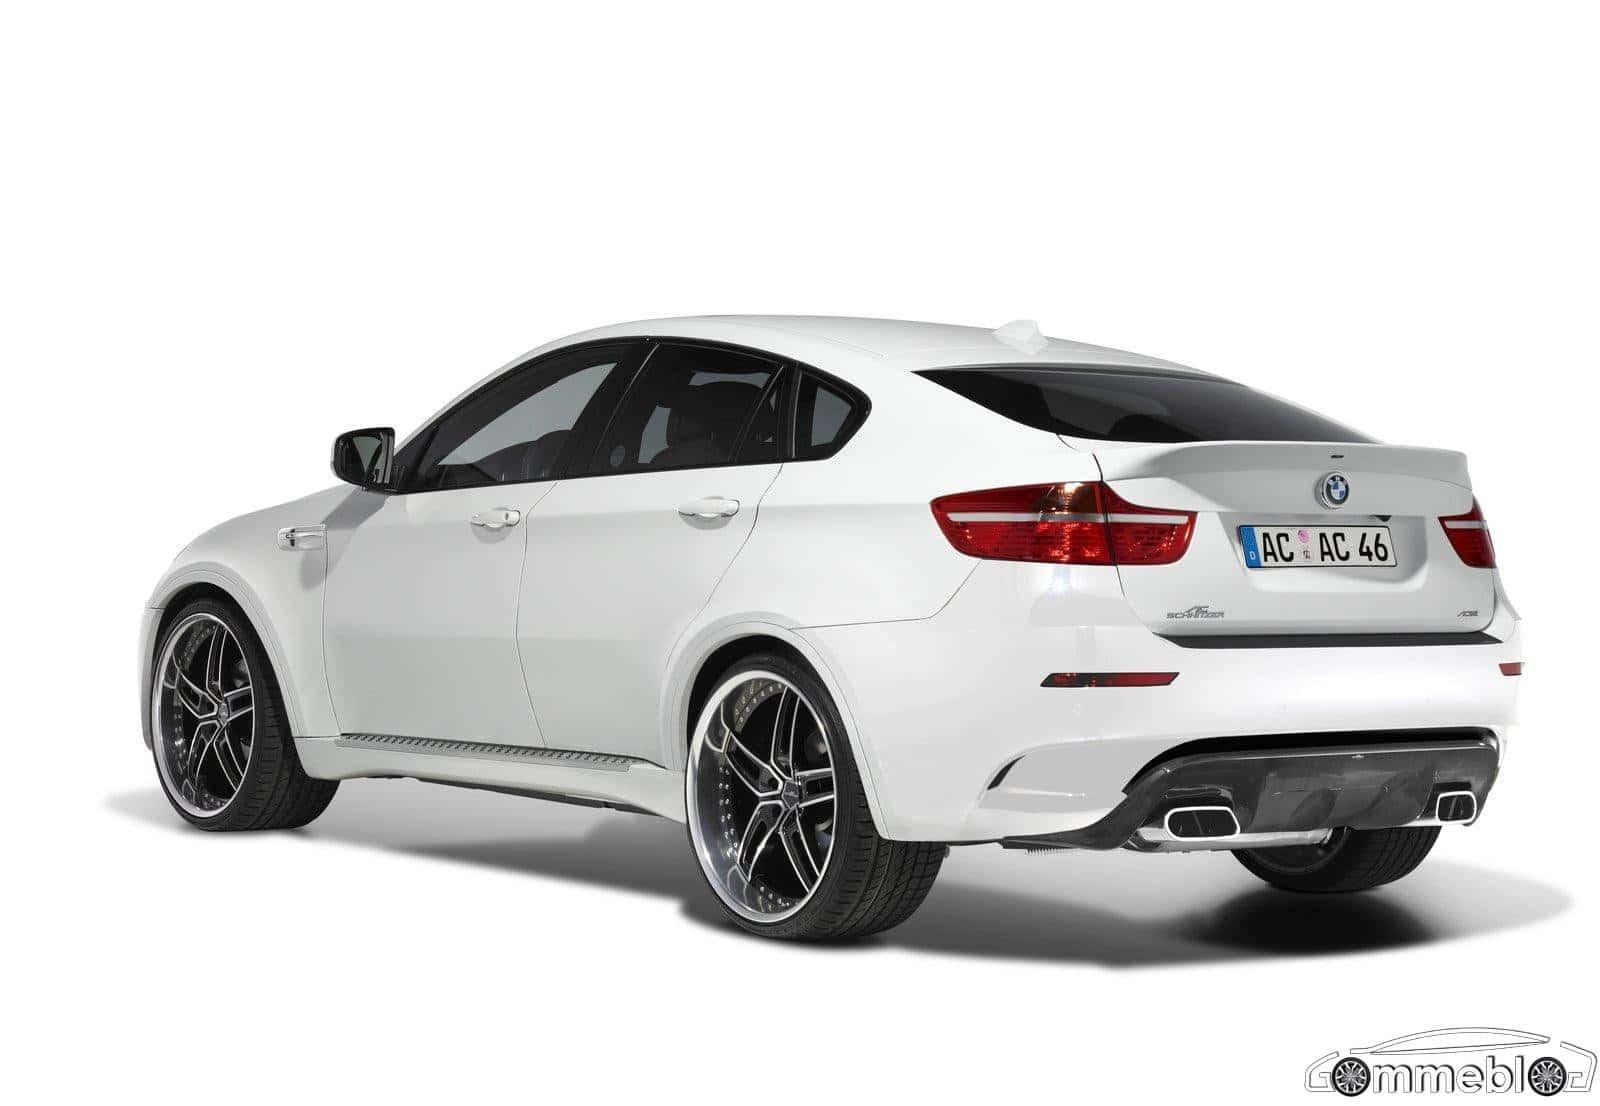 BMW X6 M: AC Schnitzer sceglie cerchi in lega da 23 pollici 2